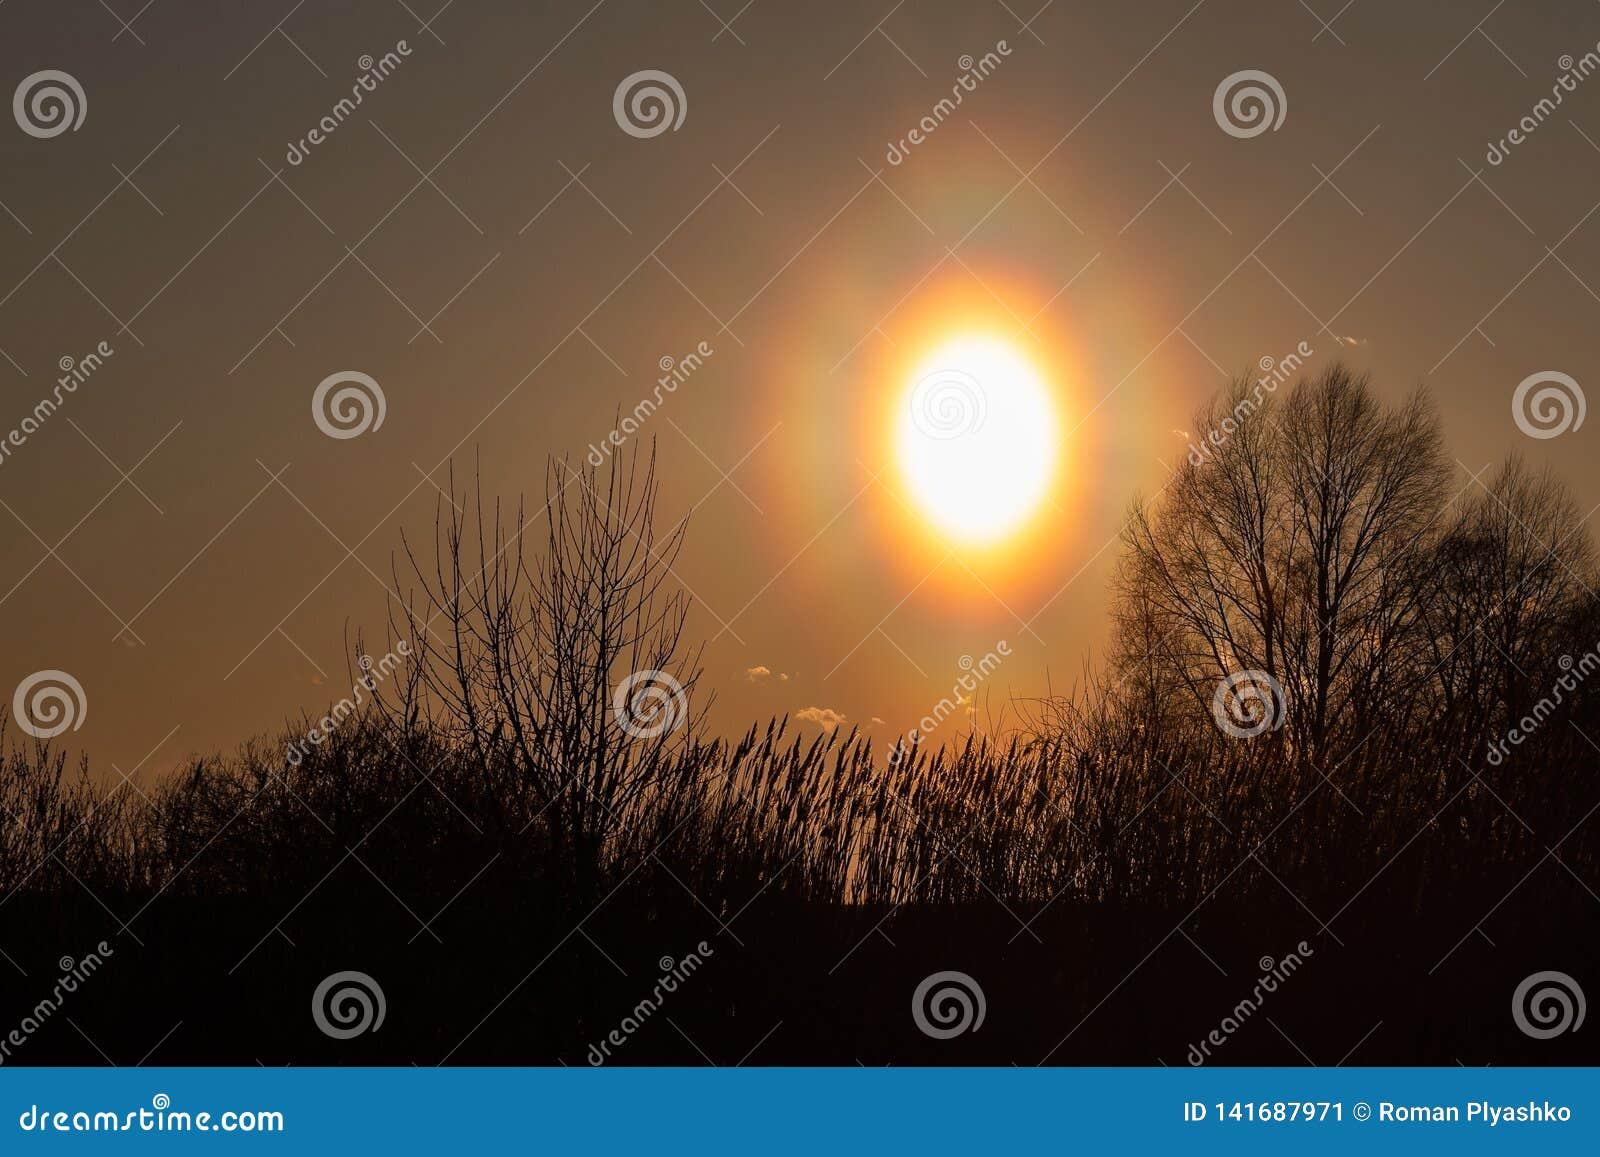 Horloge uit op de kusten van de zonsondergang, in sinaasappel worden geschilderd die